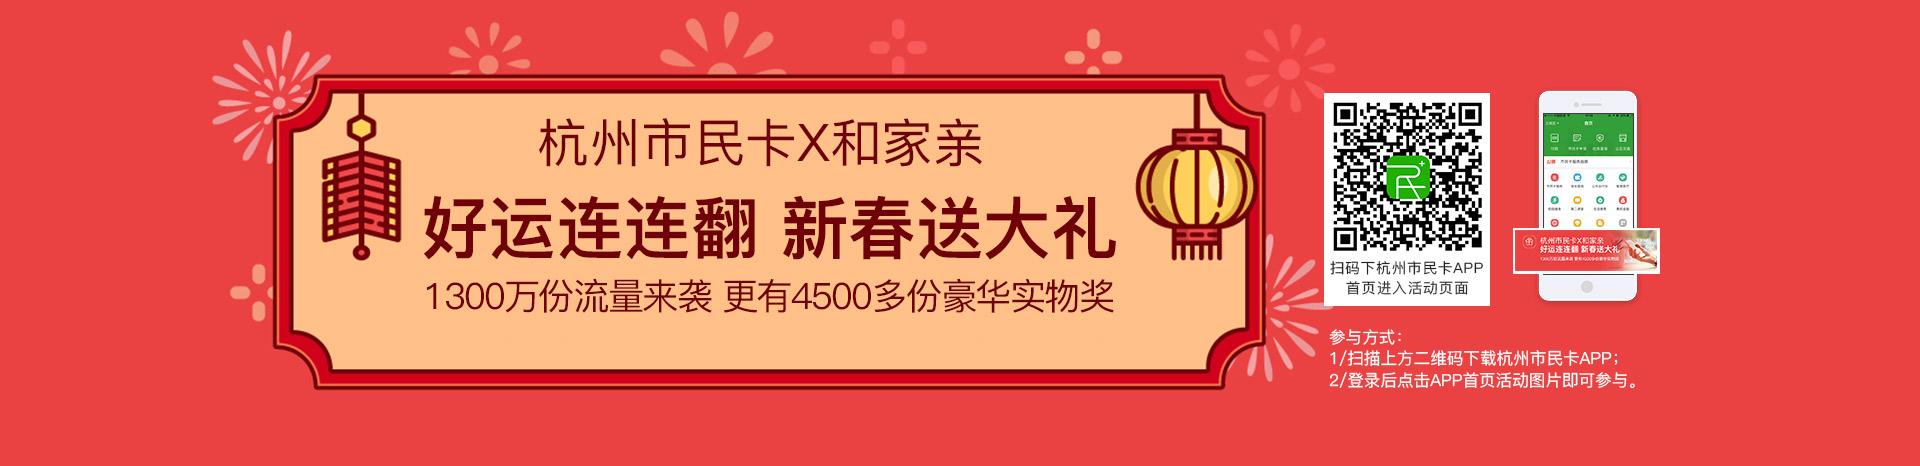 杭研新春送流量抽奖活动